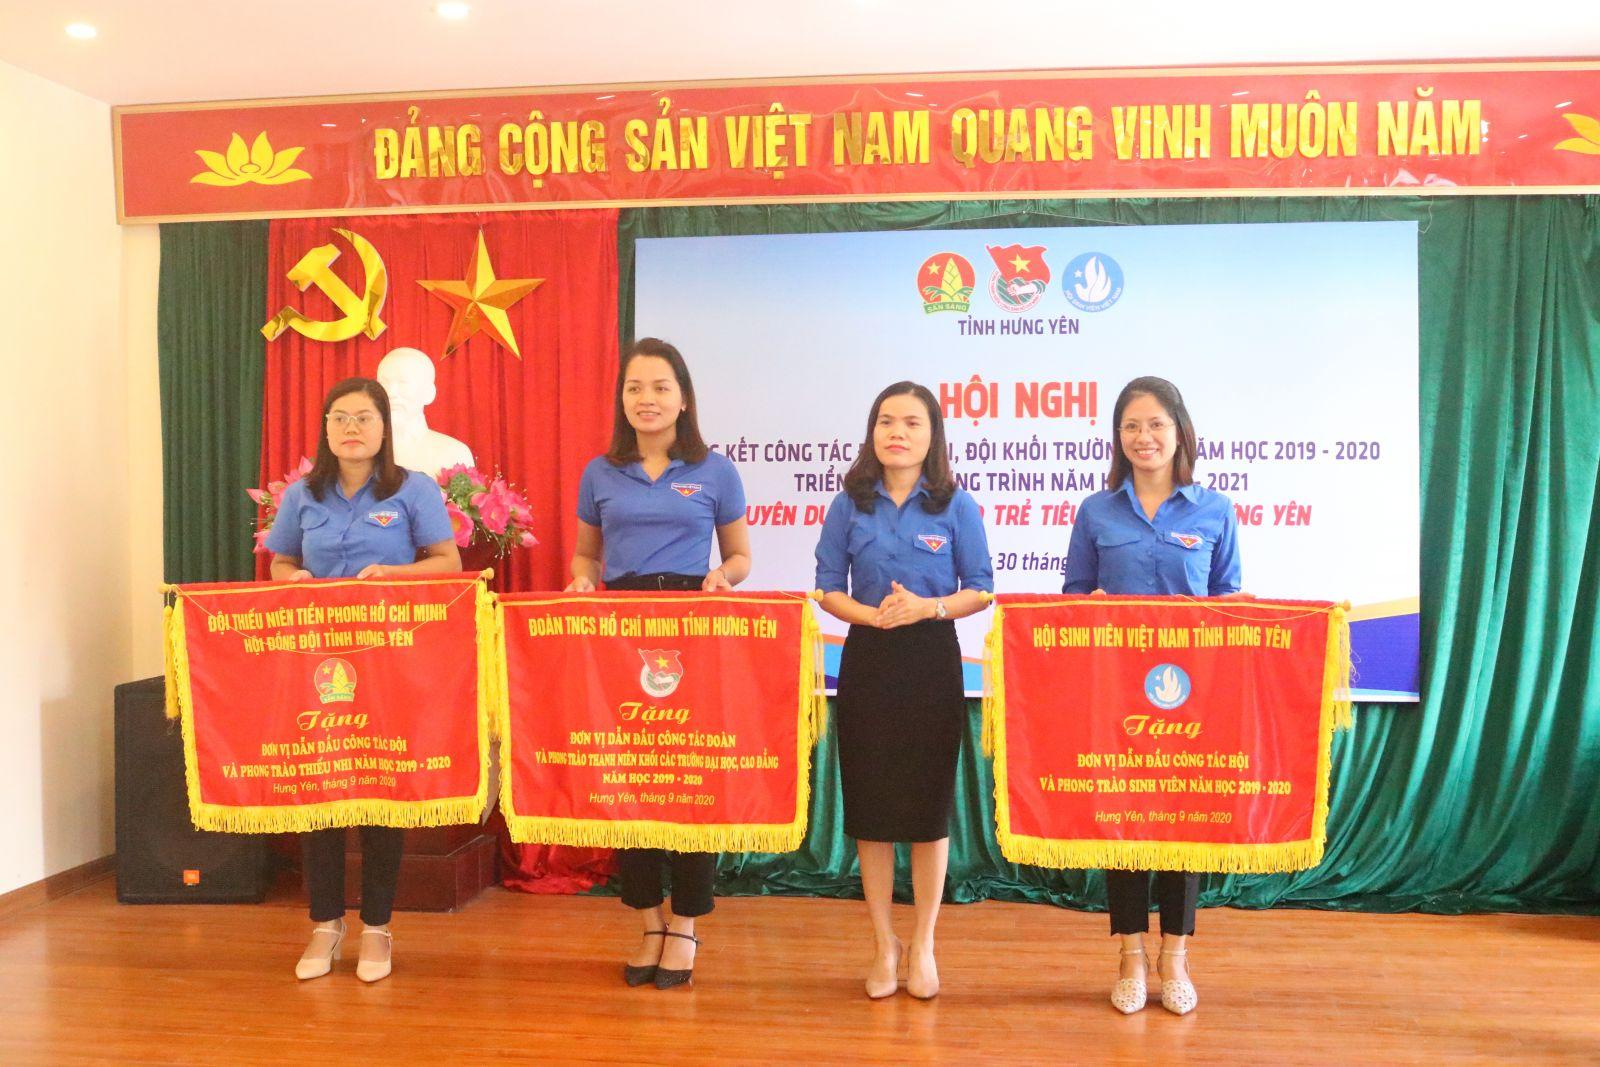 Đoàn TNCS Hồ Chí Minh Trường Đại học Sư phạm Kỹ thuật Hưng Yên - điển hình trong học tập và làm theo tư tưởng, đạo đức, phong cách Hồ Chí Minh